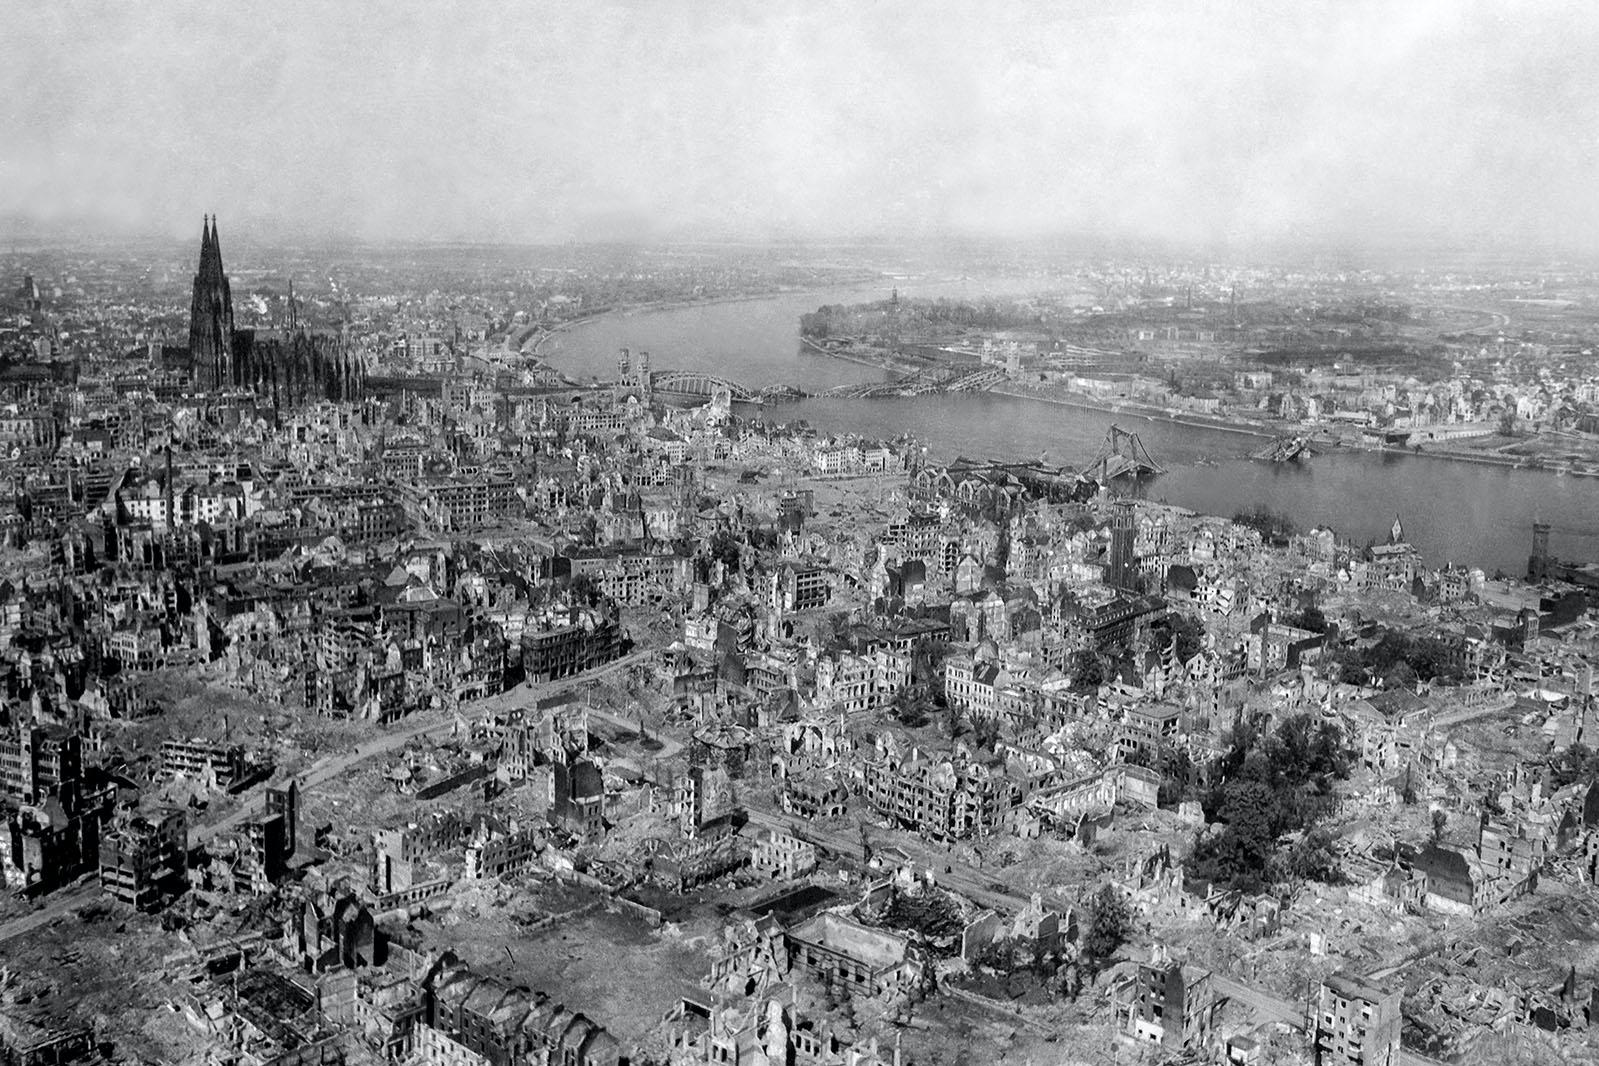 Datei:Koeln 1945.jpg